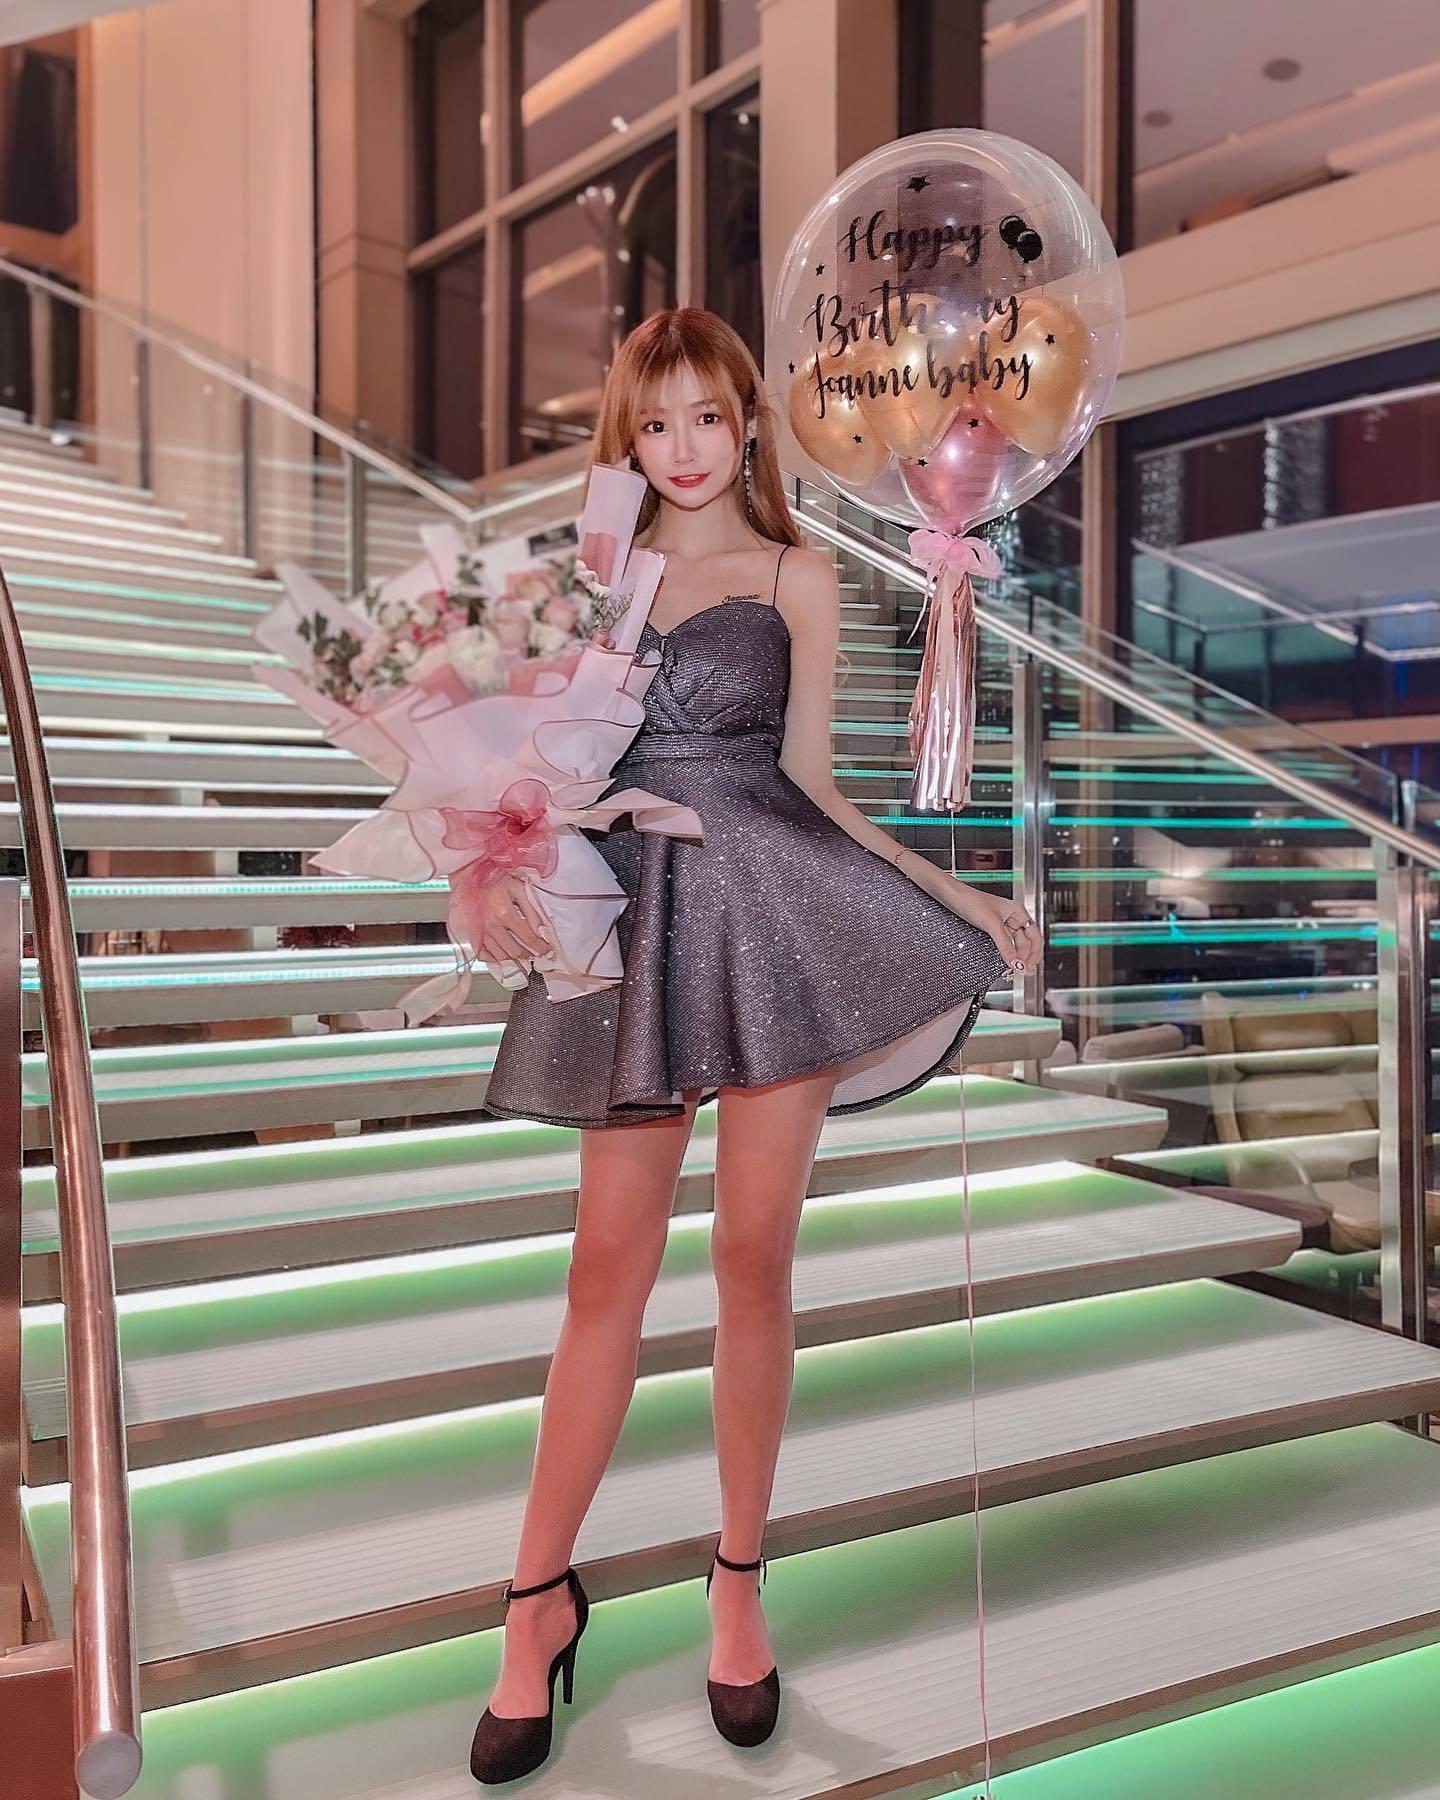 吉隆坡网红女主播Joanne Tan 陈陈!公主脸蛋和女王身材,网友超爱:又甜又辣!-新图包